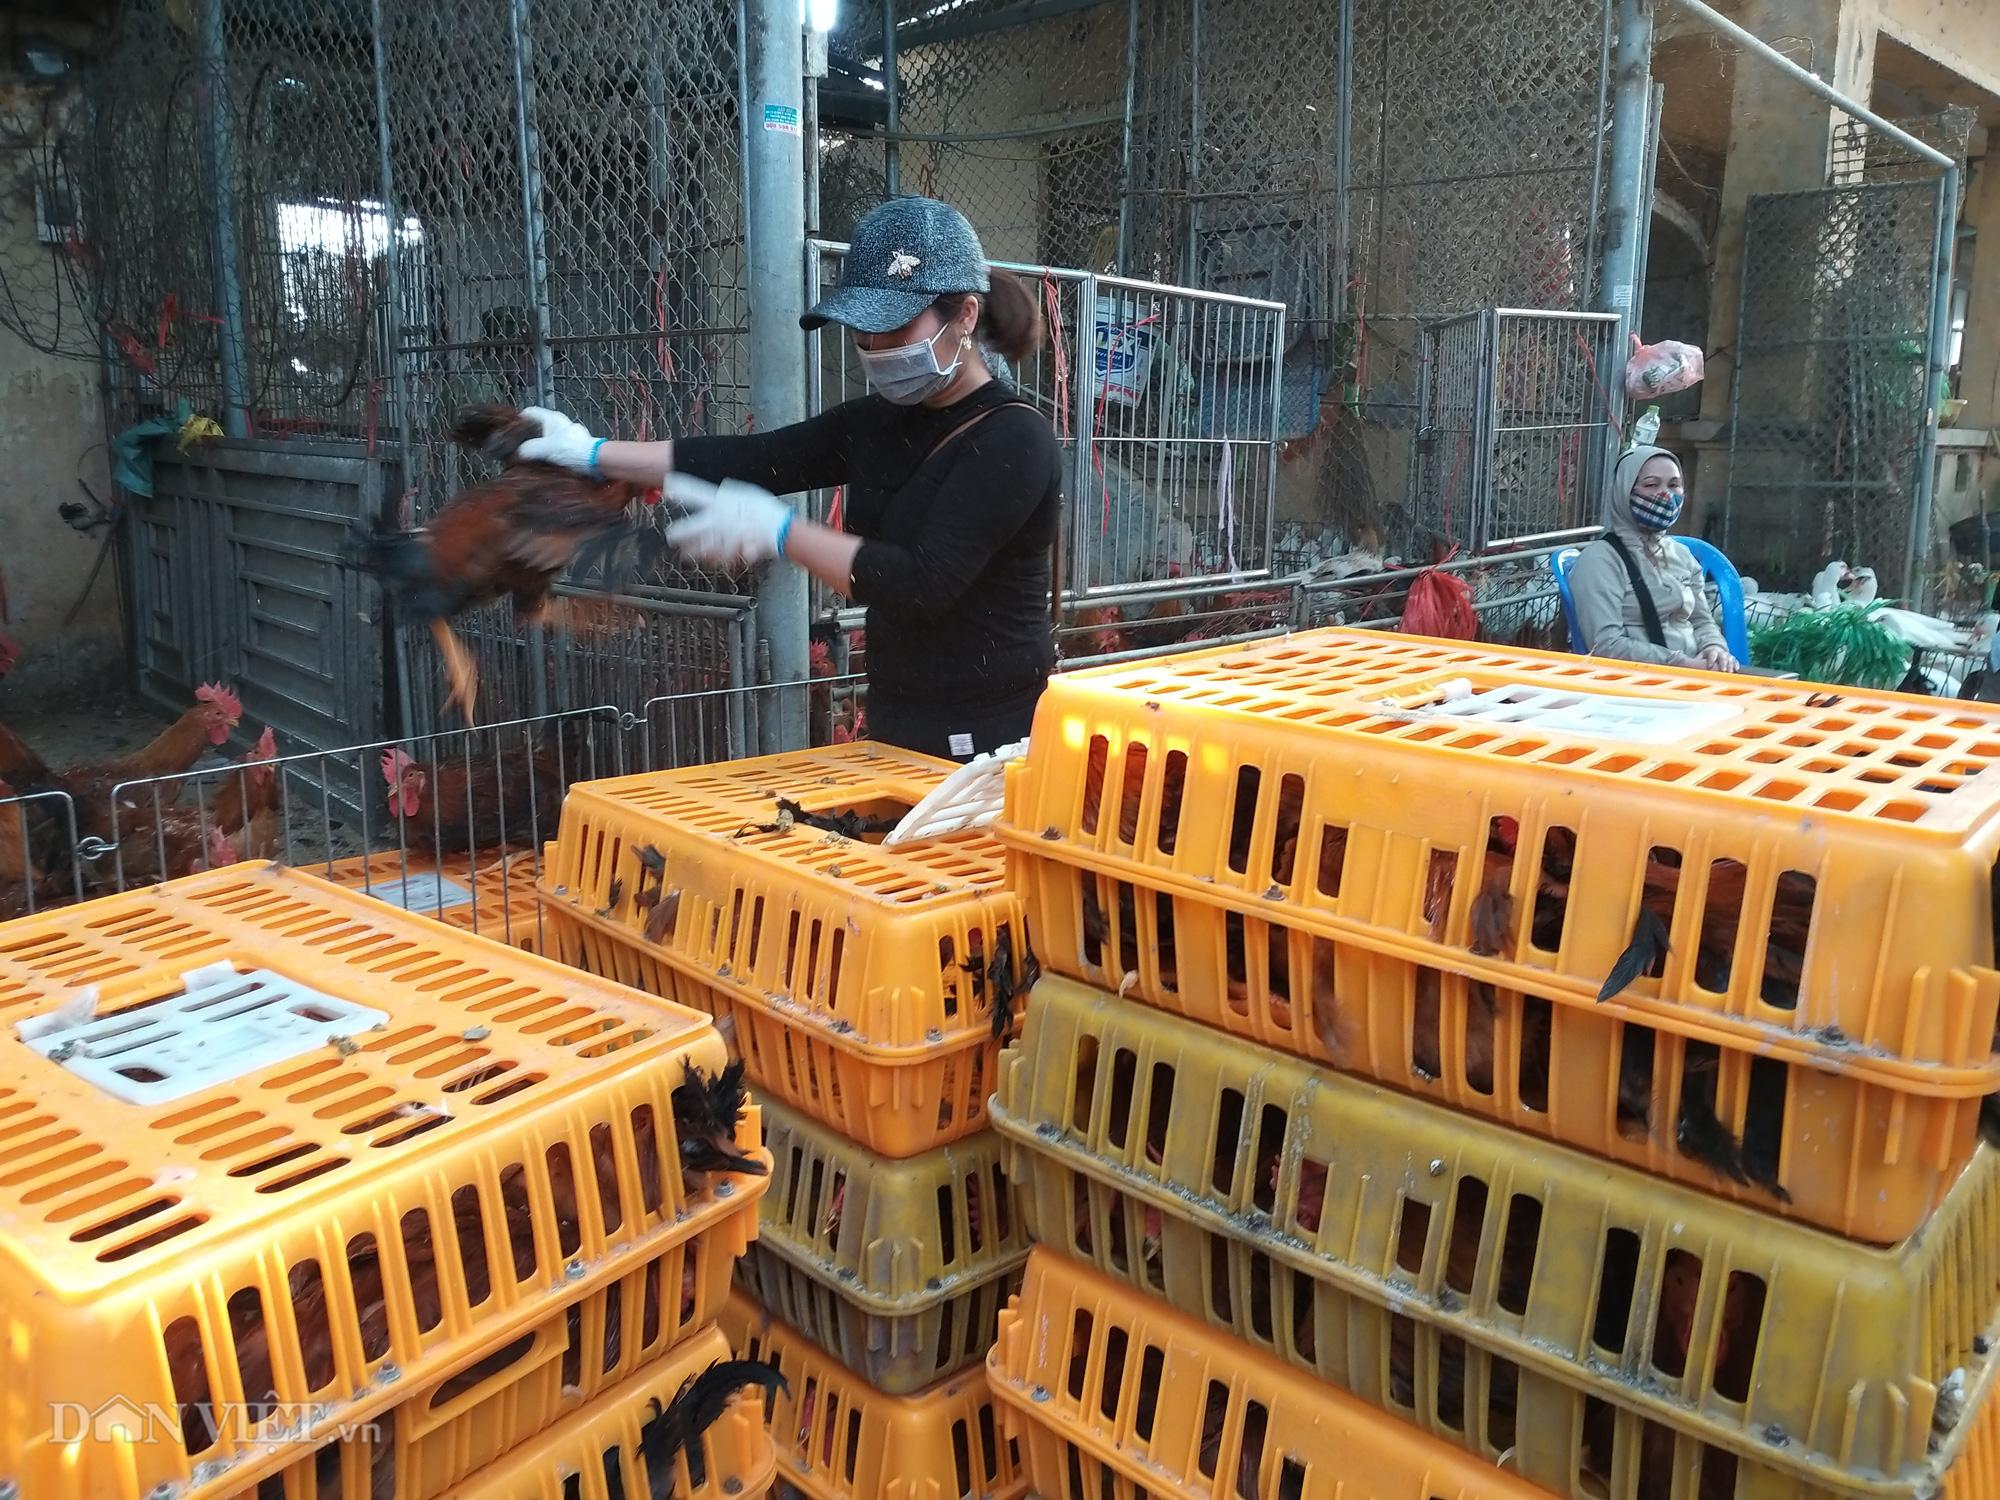 Giá gia cầm hôm nay 11/6: Giá gà, vịt thịt có dấu hiệu chững lại, gà trắng dễ bán - Ảnh 1.